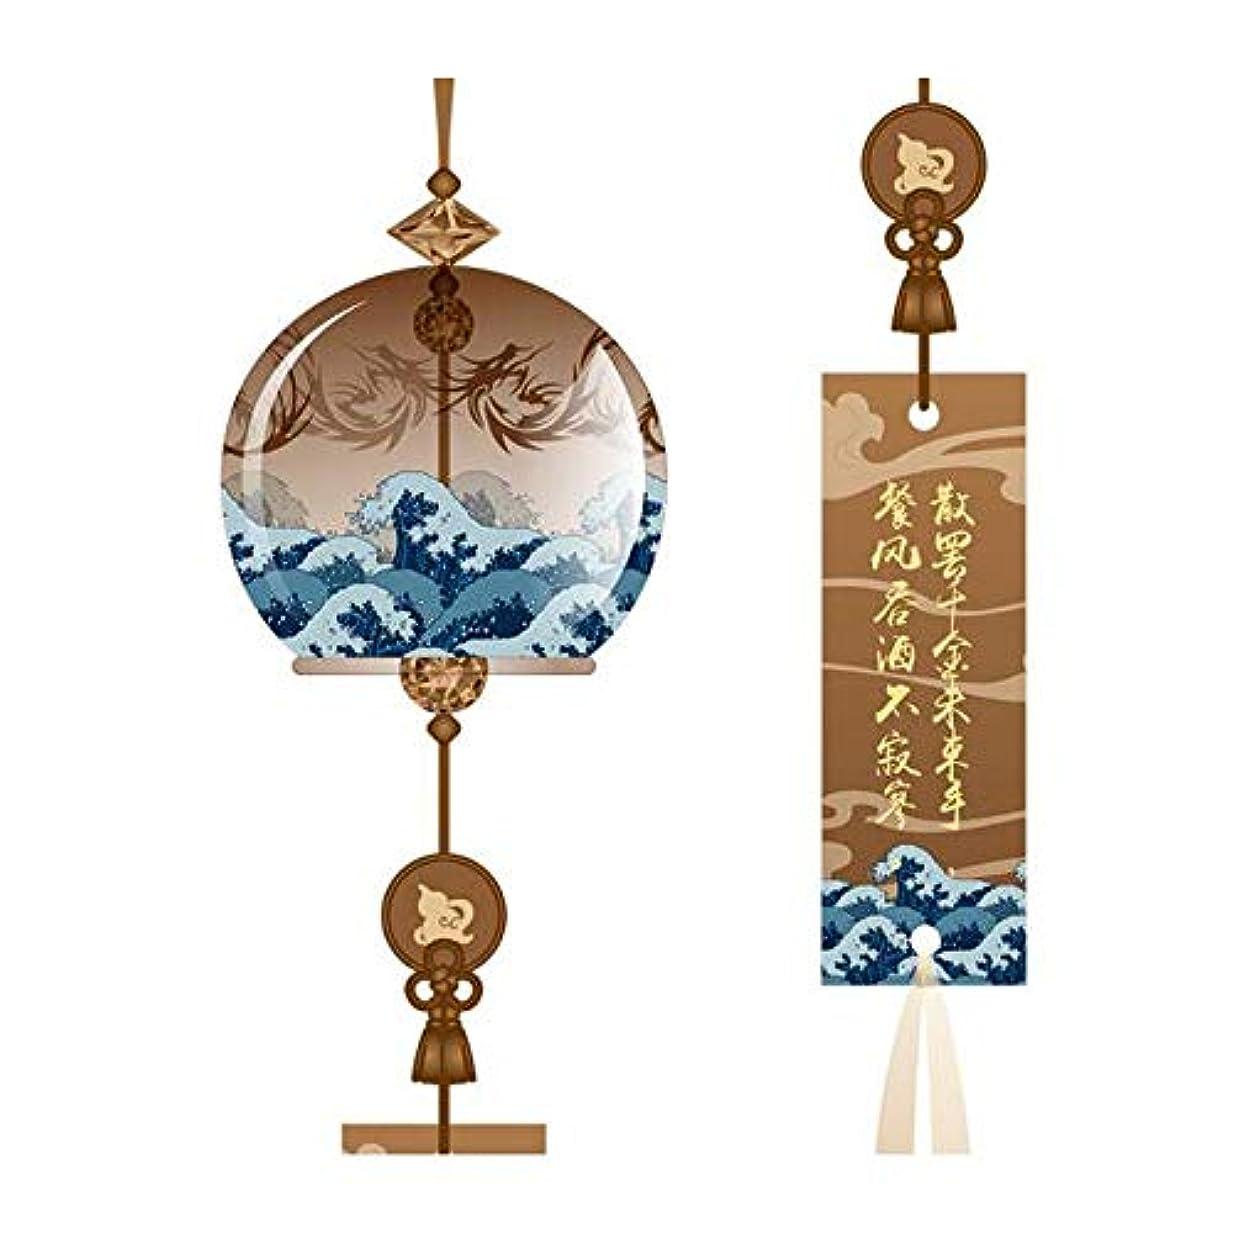 なすテロ頑張るYoushangshipin 風チャイム、クリスタルクリアガラスの風チャイム、グリーン、全身について31センチメートル,美しいギフトボックス (Color : Brown)